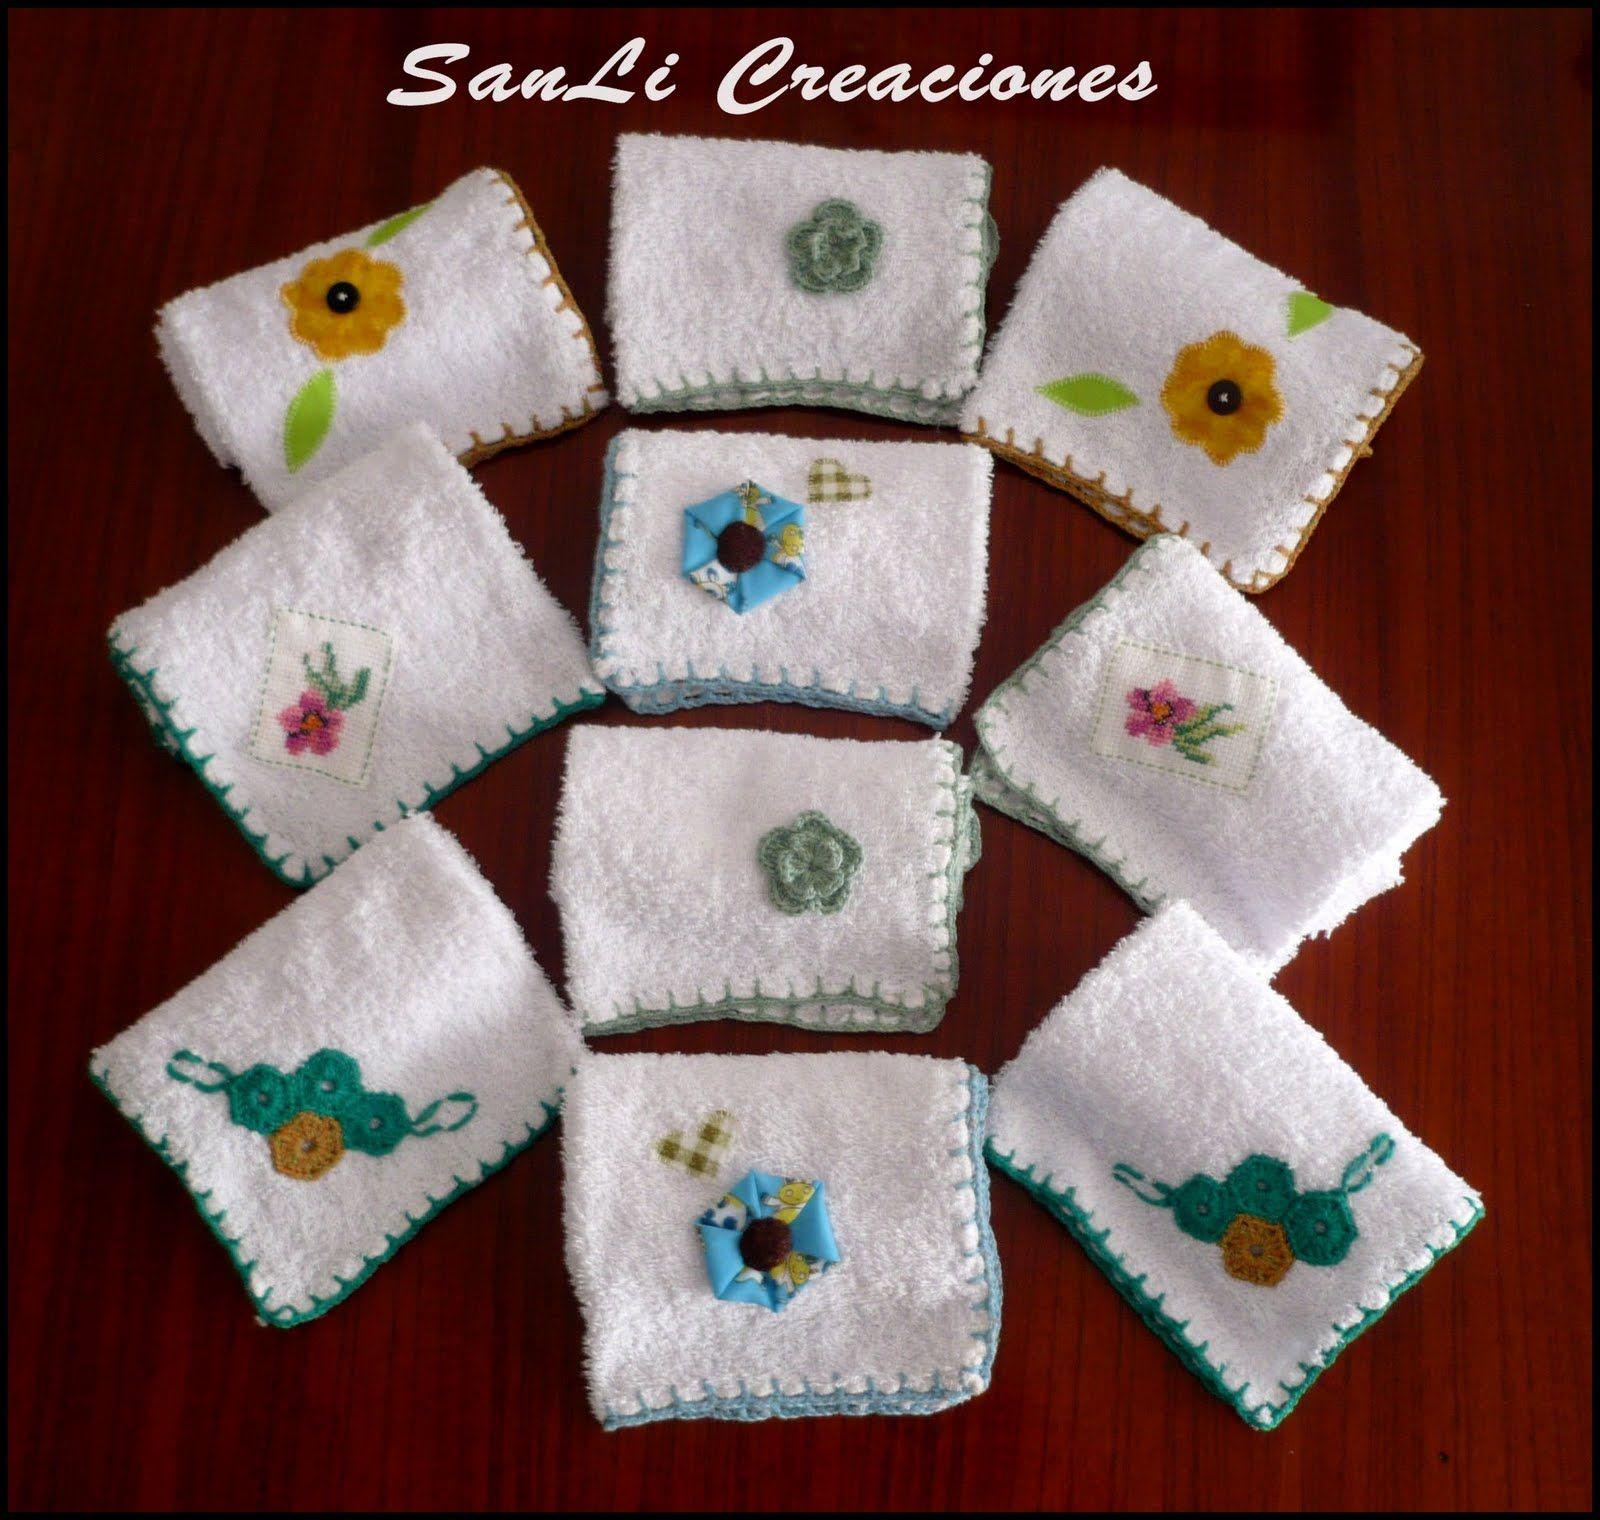 Sanli Creaciones Toallas Decoradas Decoracion De Casita Pinterest - Decoracion-con-toallas